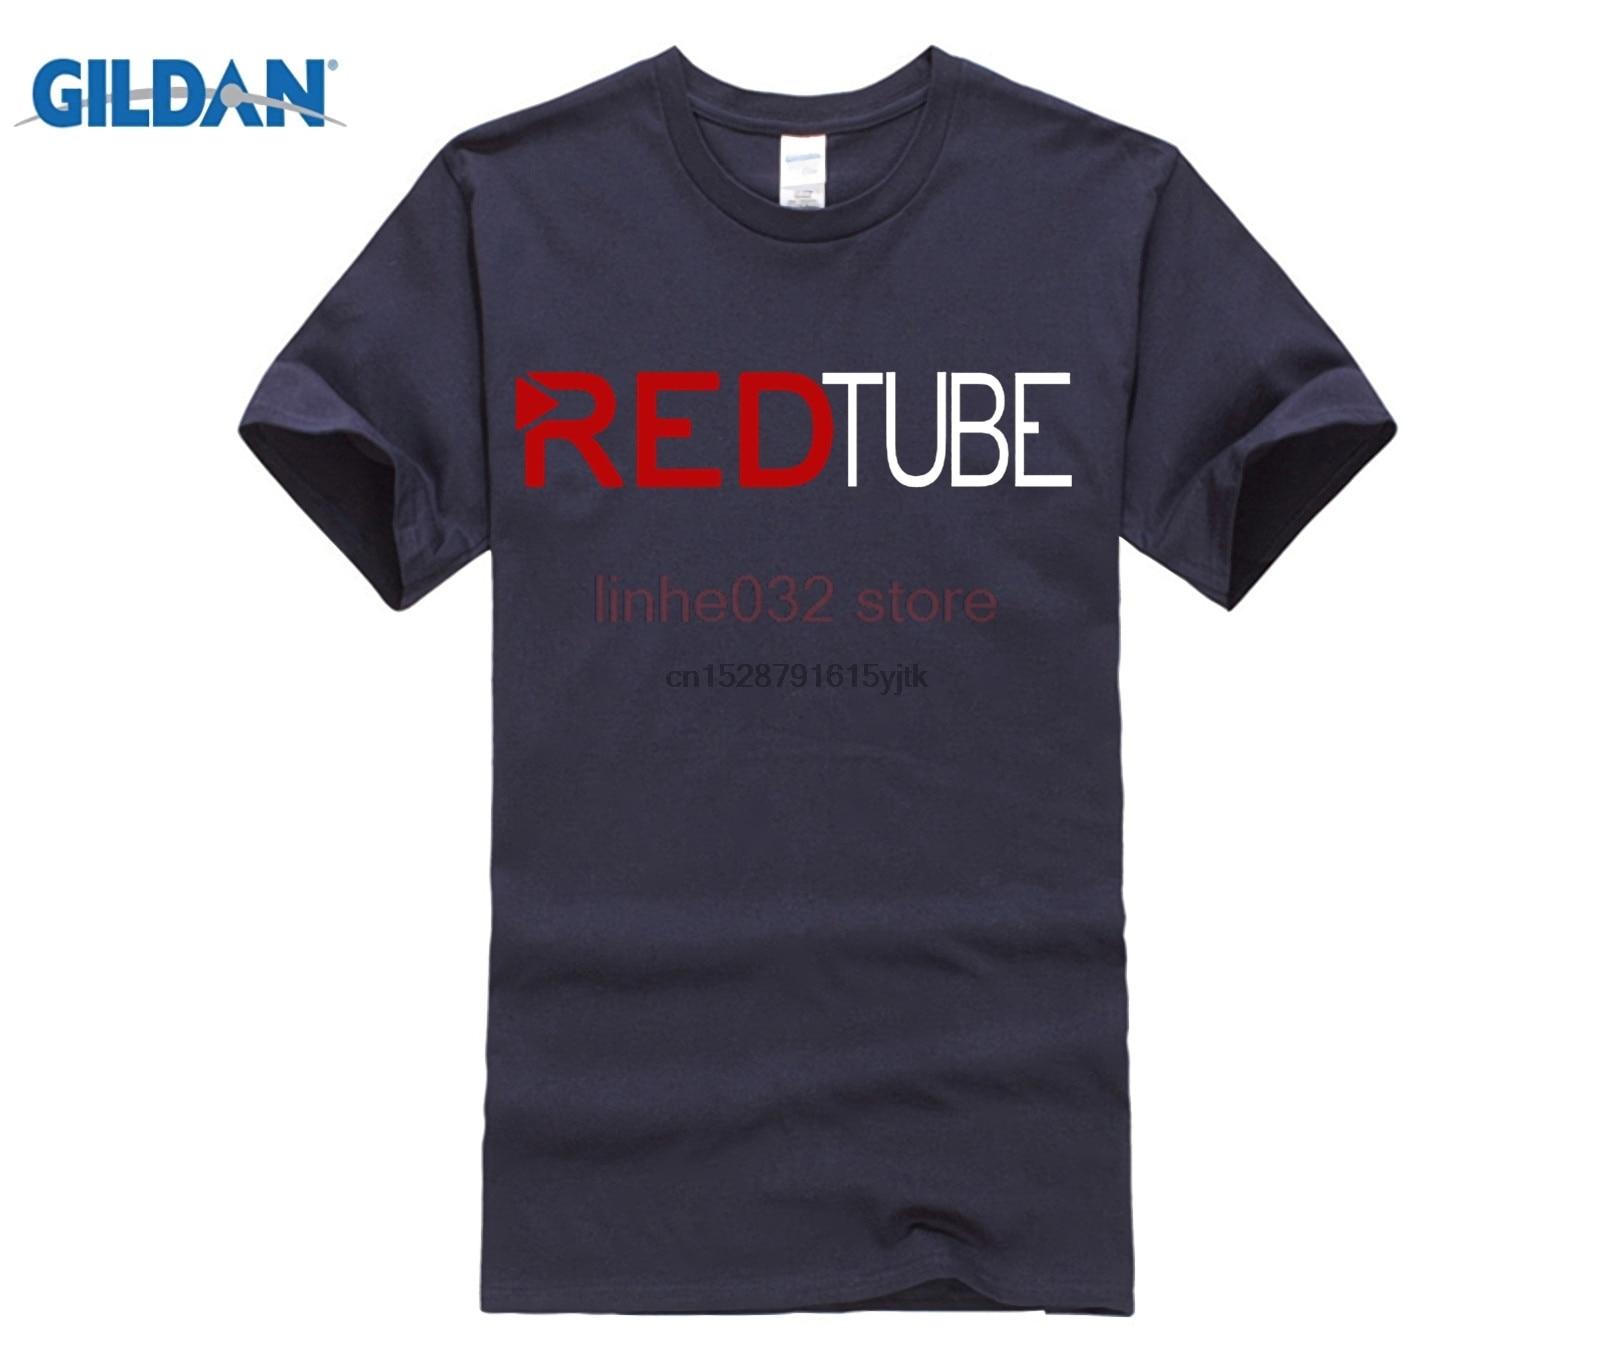 2019 Casual moda Redtube Logo MenT Shirt algodón masculino Tops camisetas moda novedosa camiseta de tubo rojo